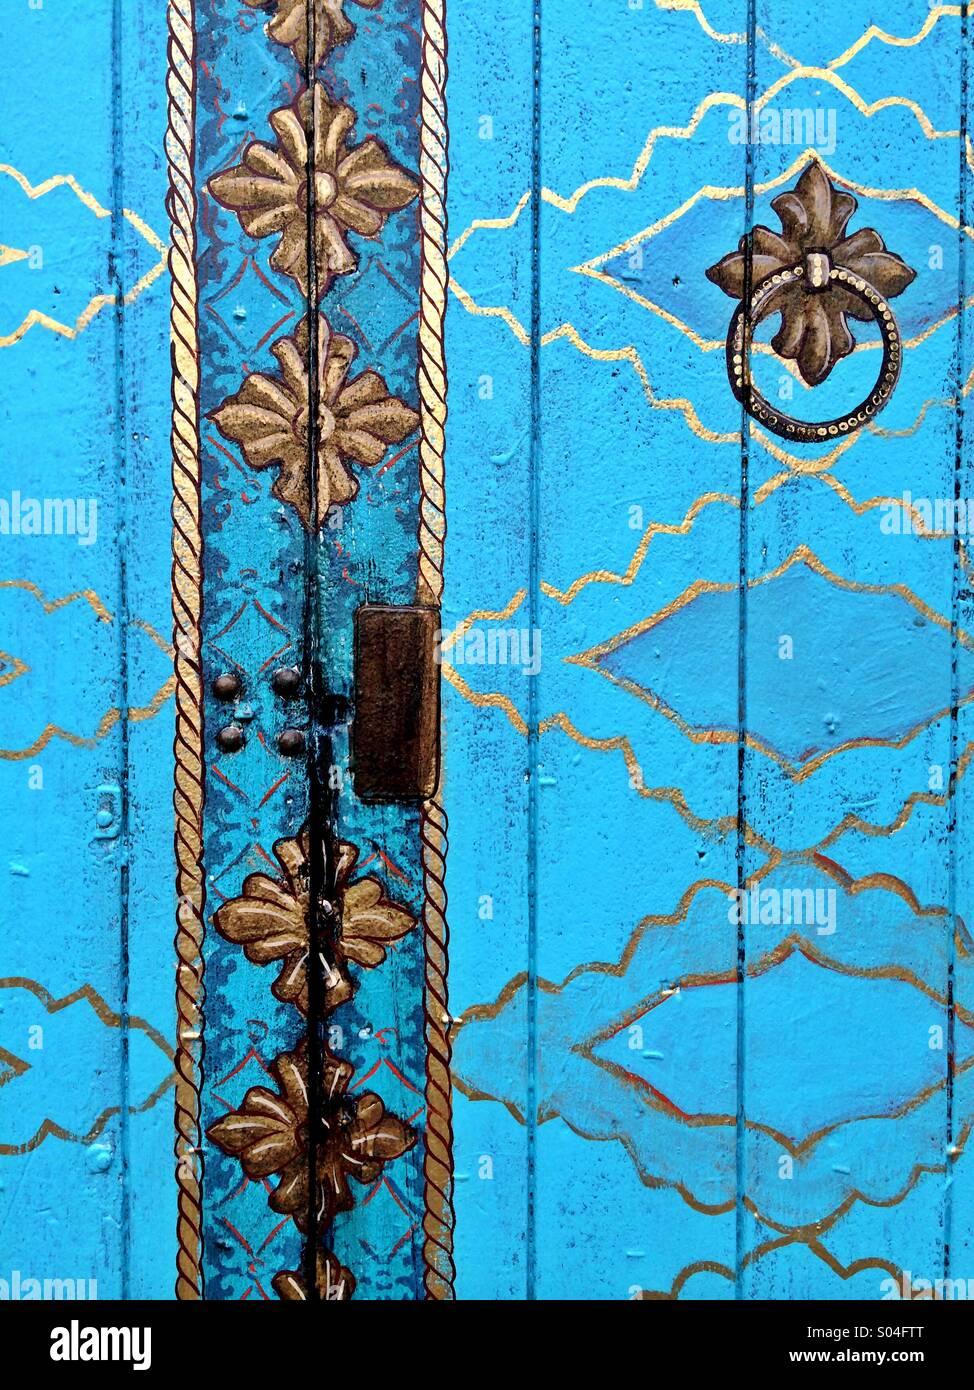 Porte bleue à la zone Funk arts district à Santa Barbara, Californie, États-Unis Photo Stock